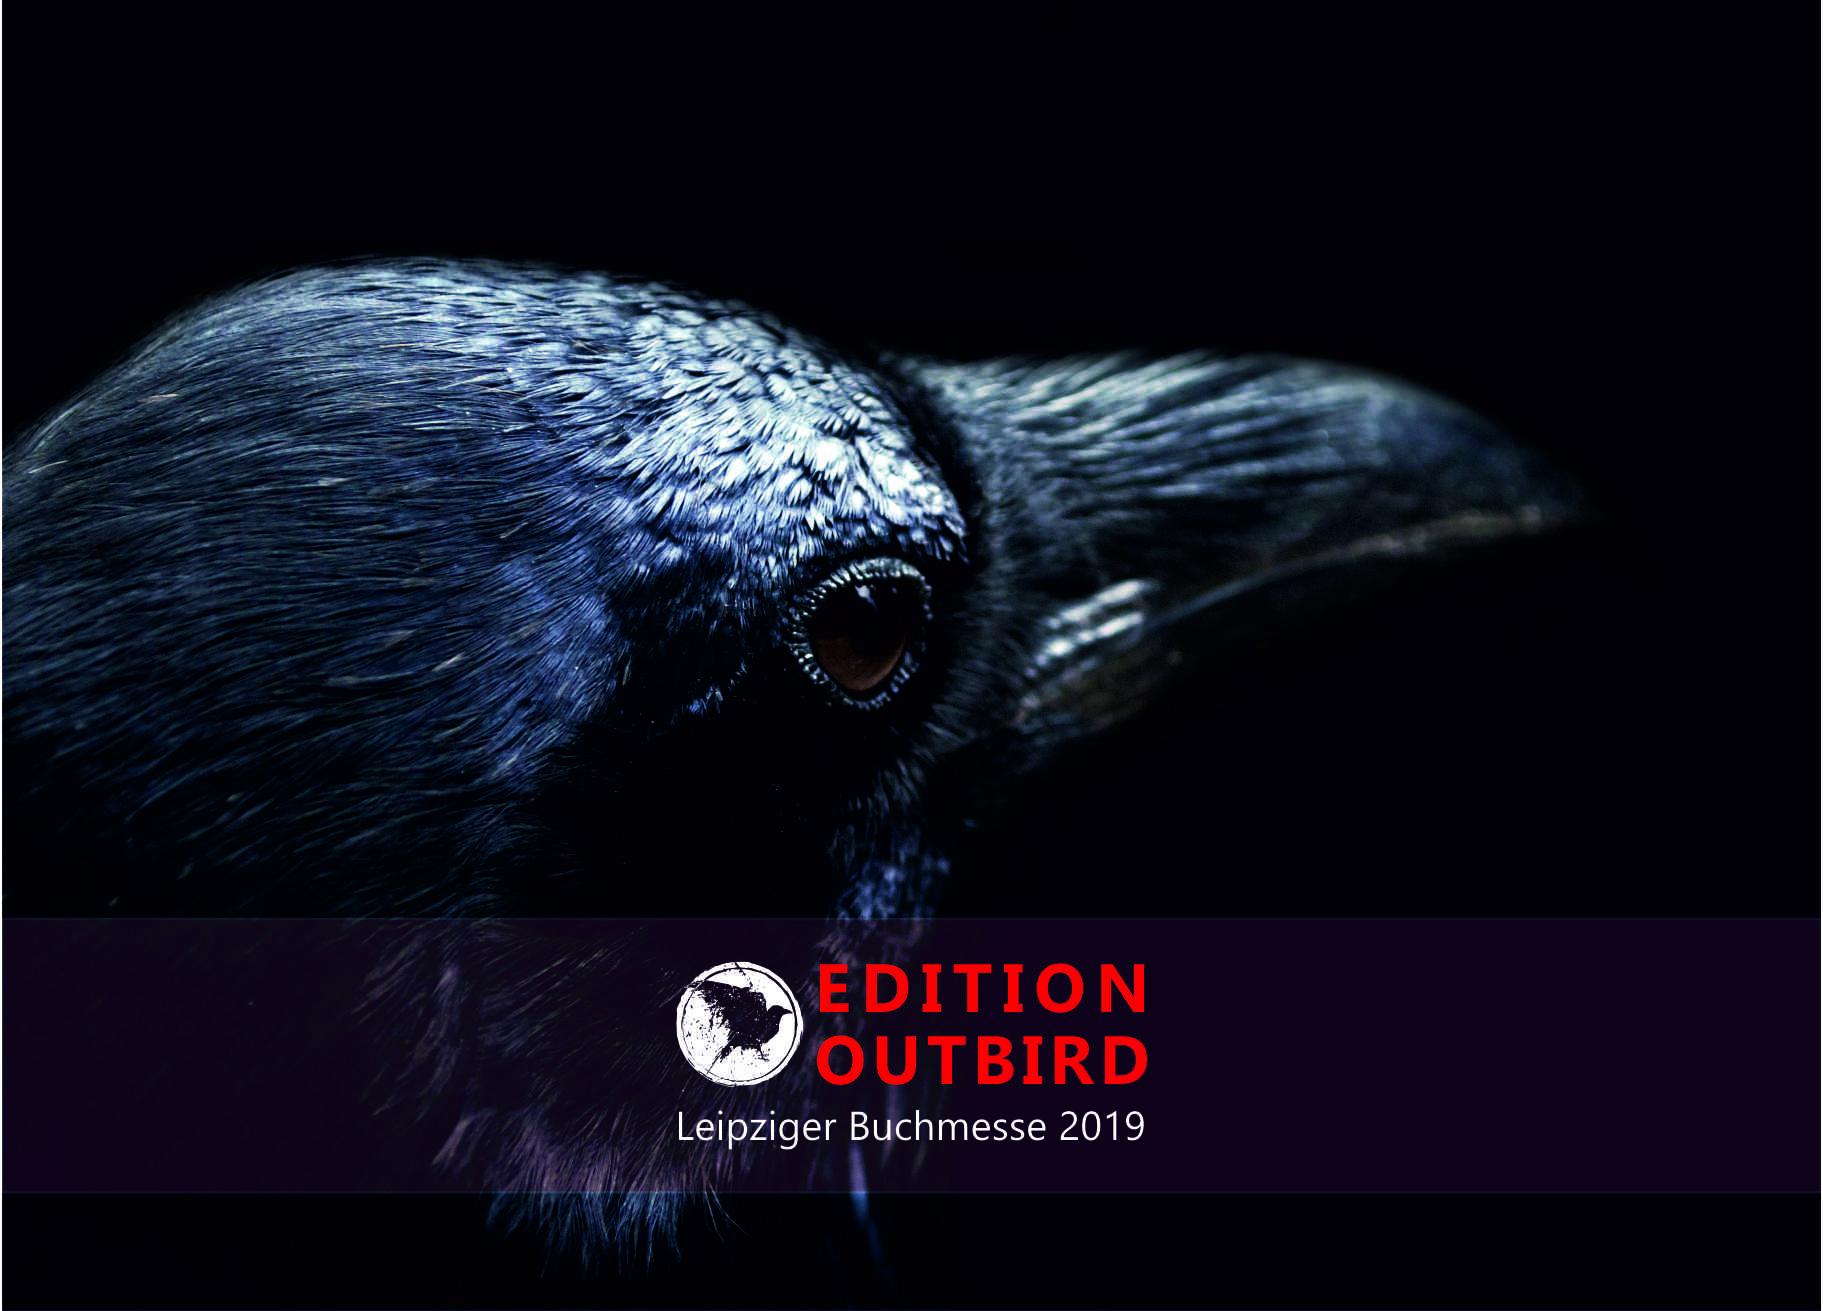 Buchmesse Leipzig 2019 Edition Outbird 3